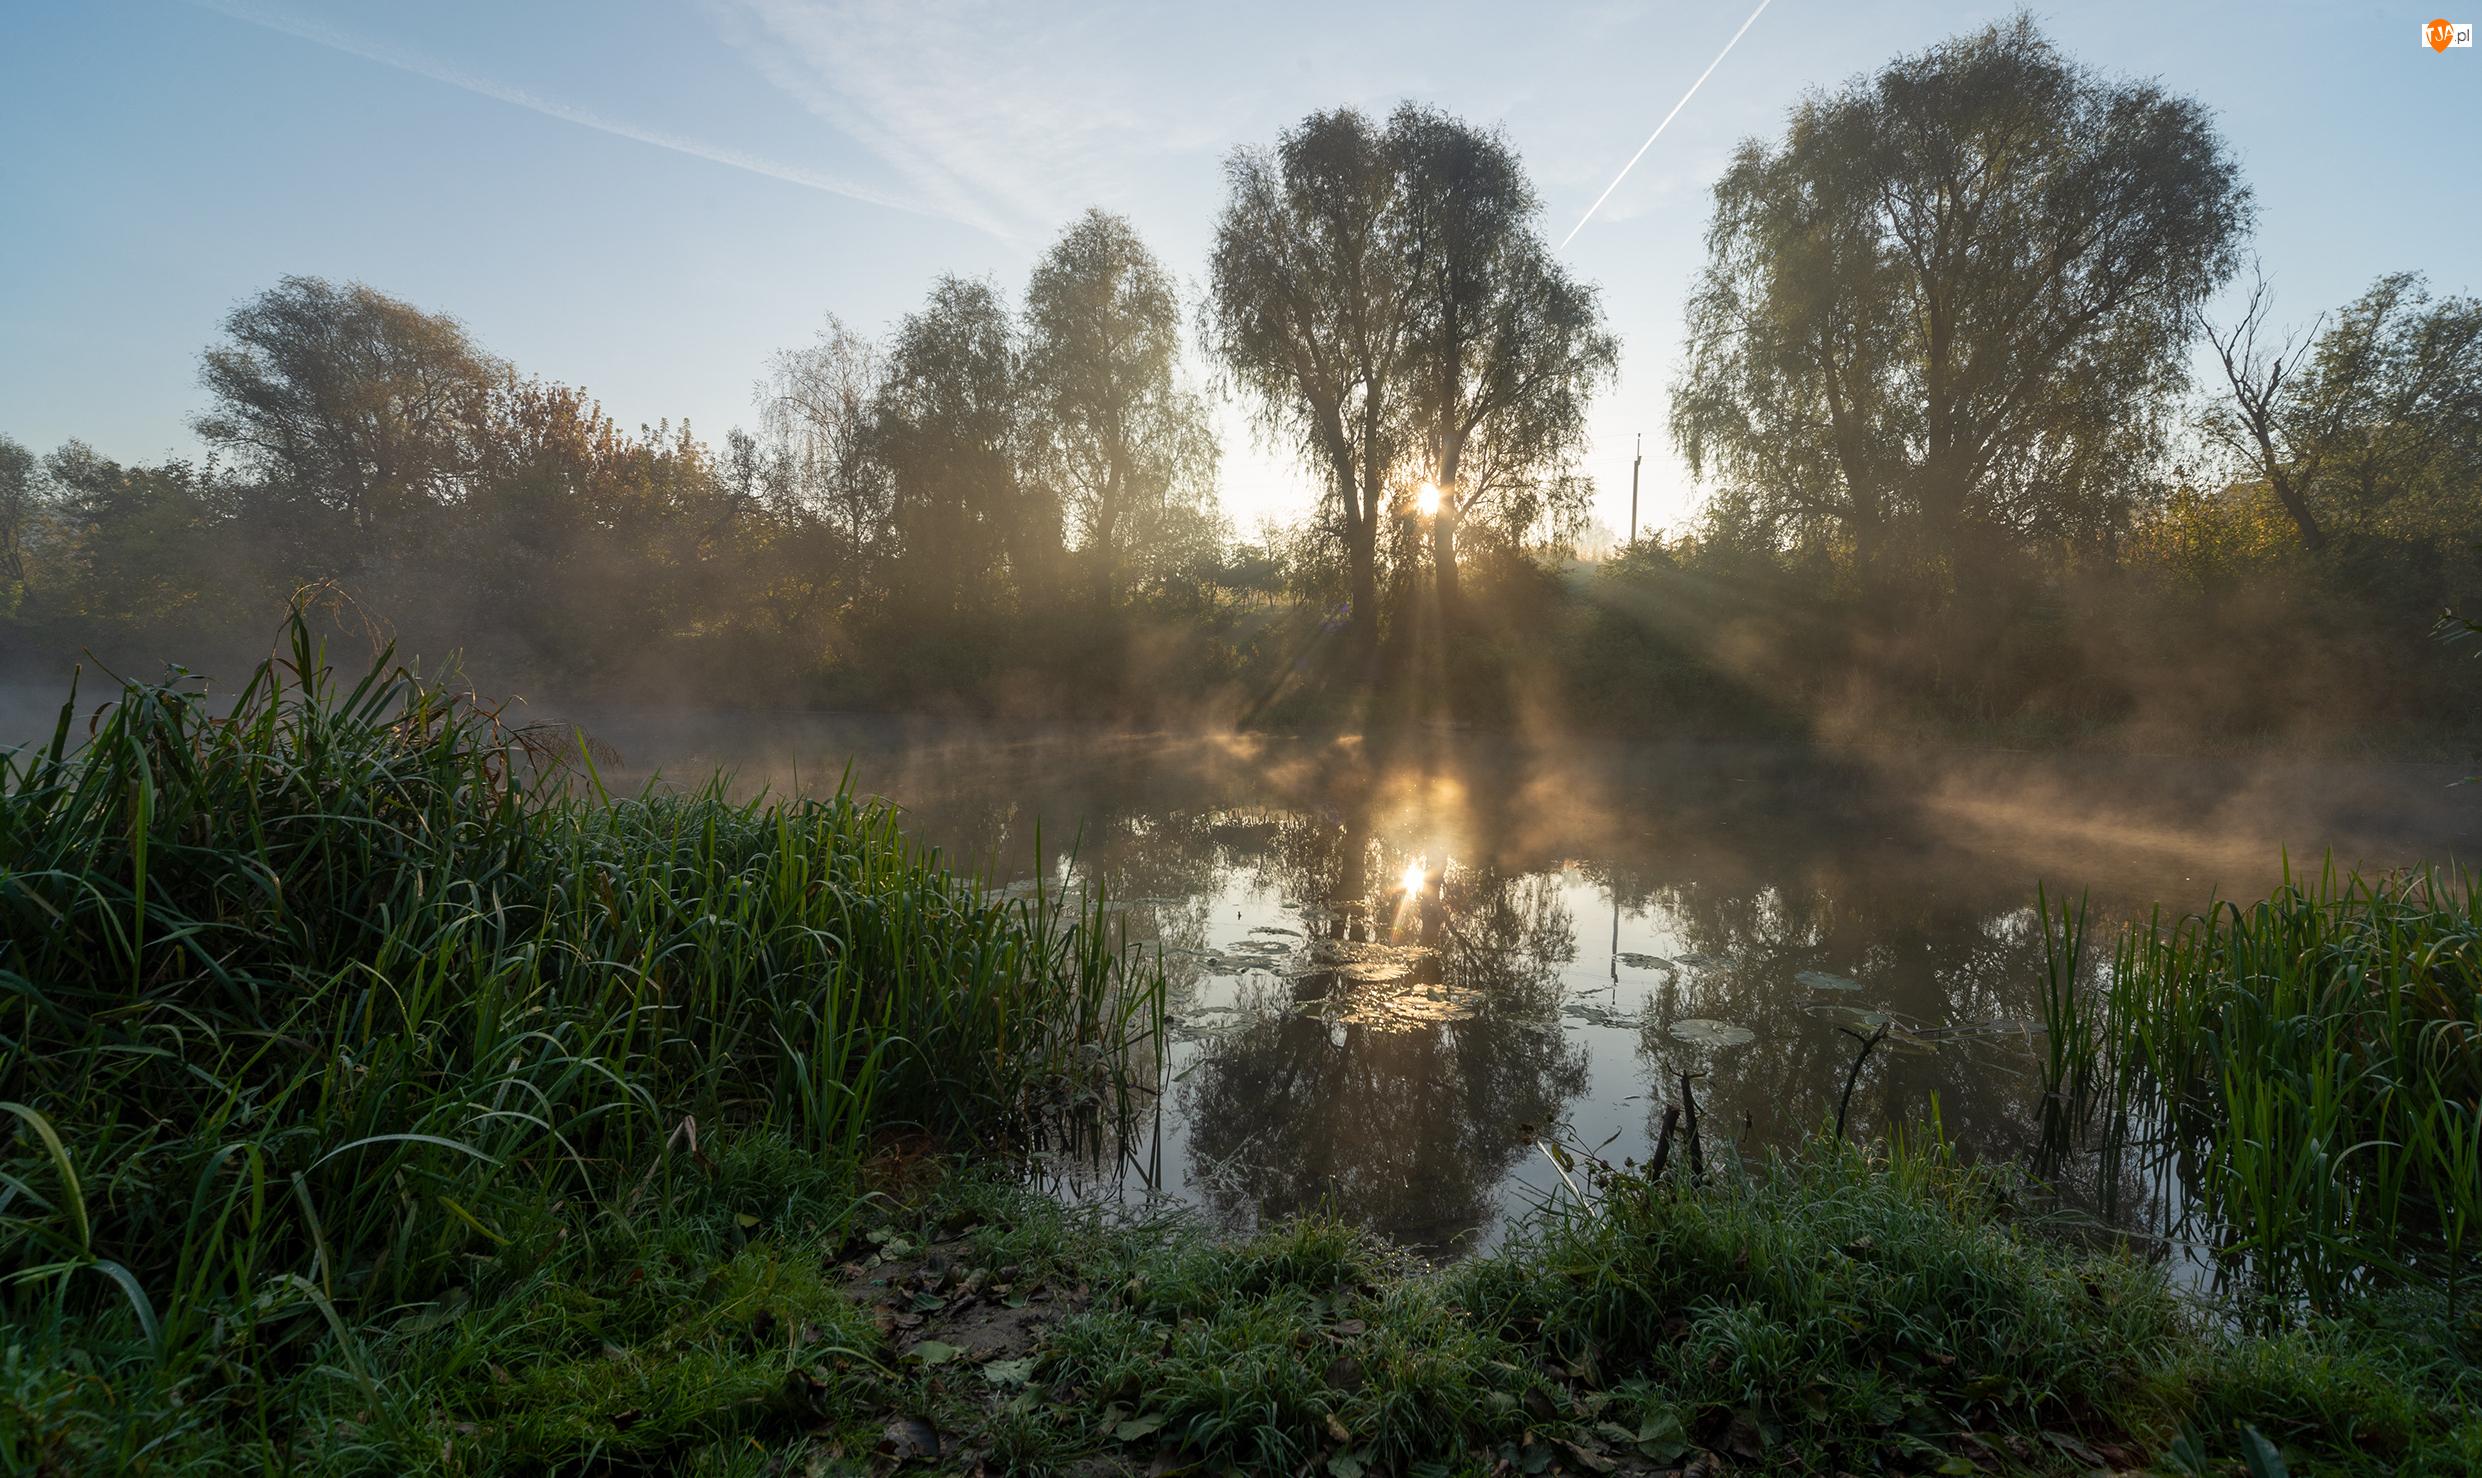 Promienie słońca, Rzeka, Trawy, Drzewa